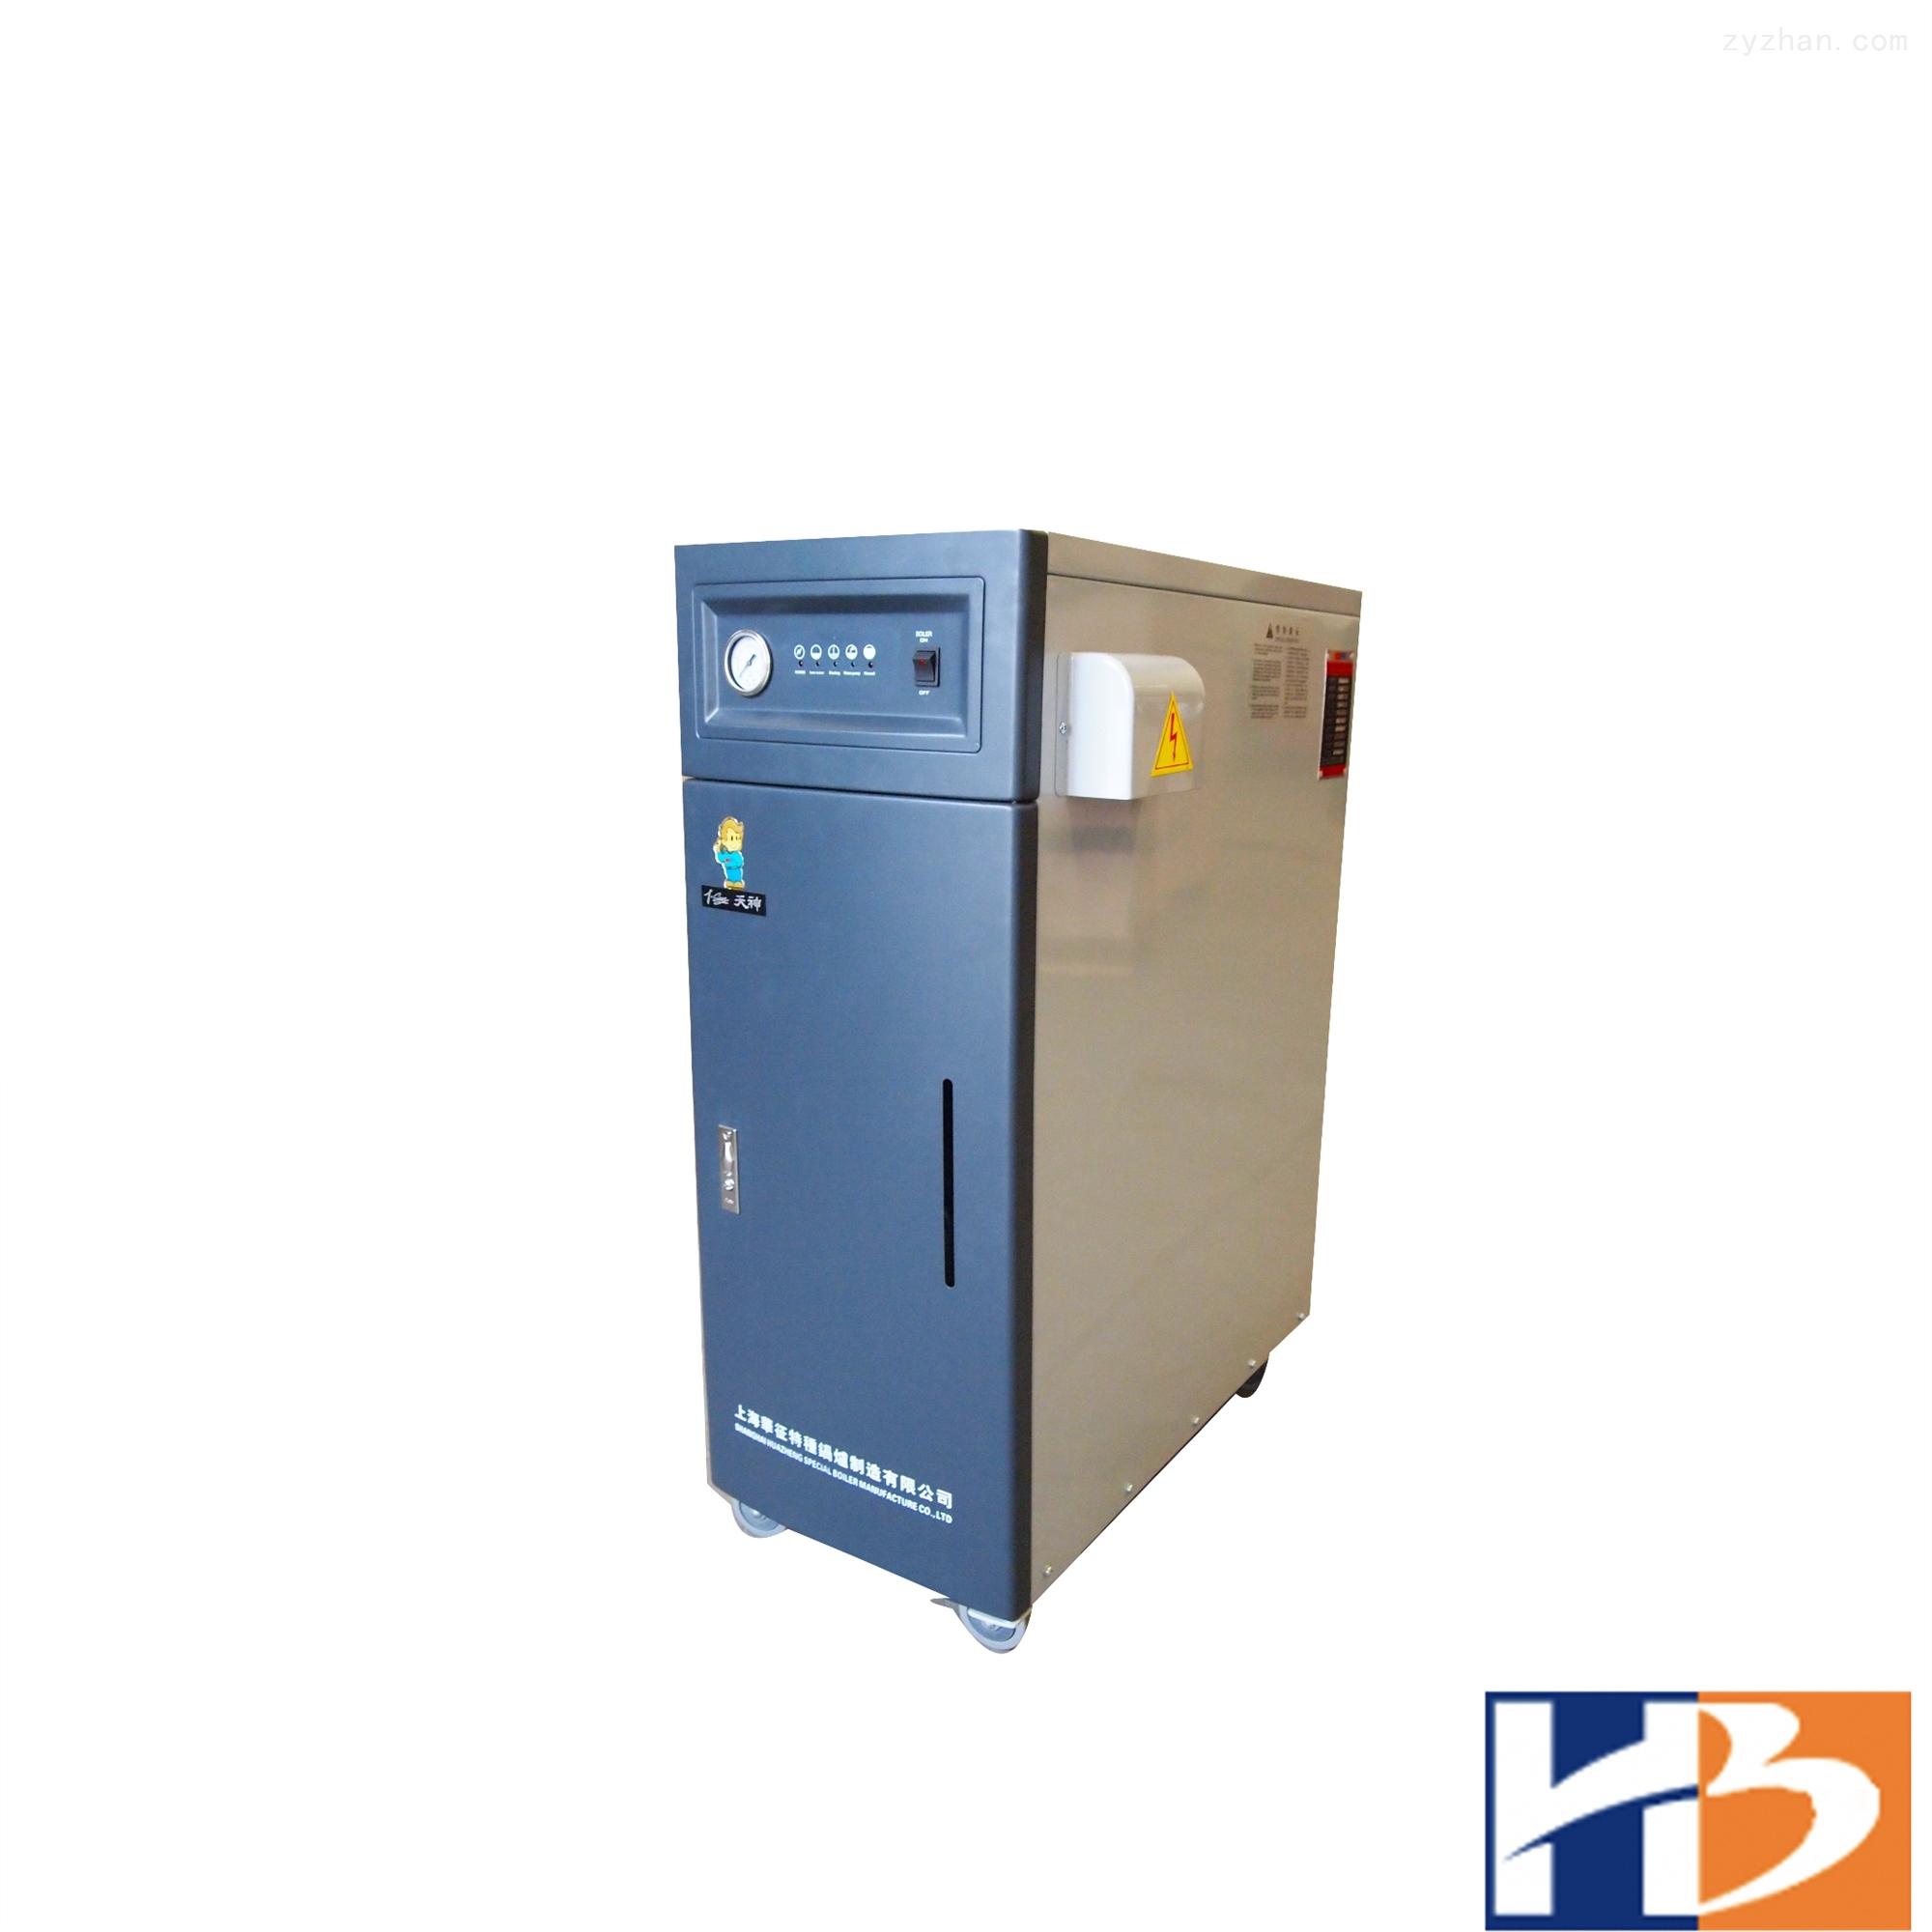 供应全自动免锅检24kw电蒸汽发生器、电锅炉